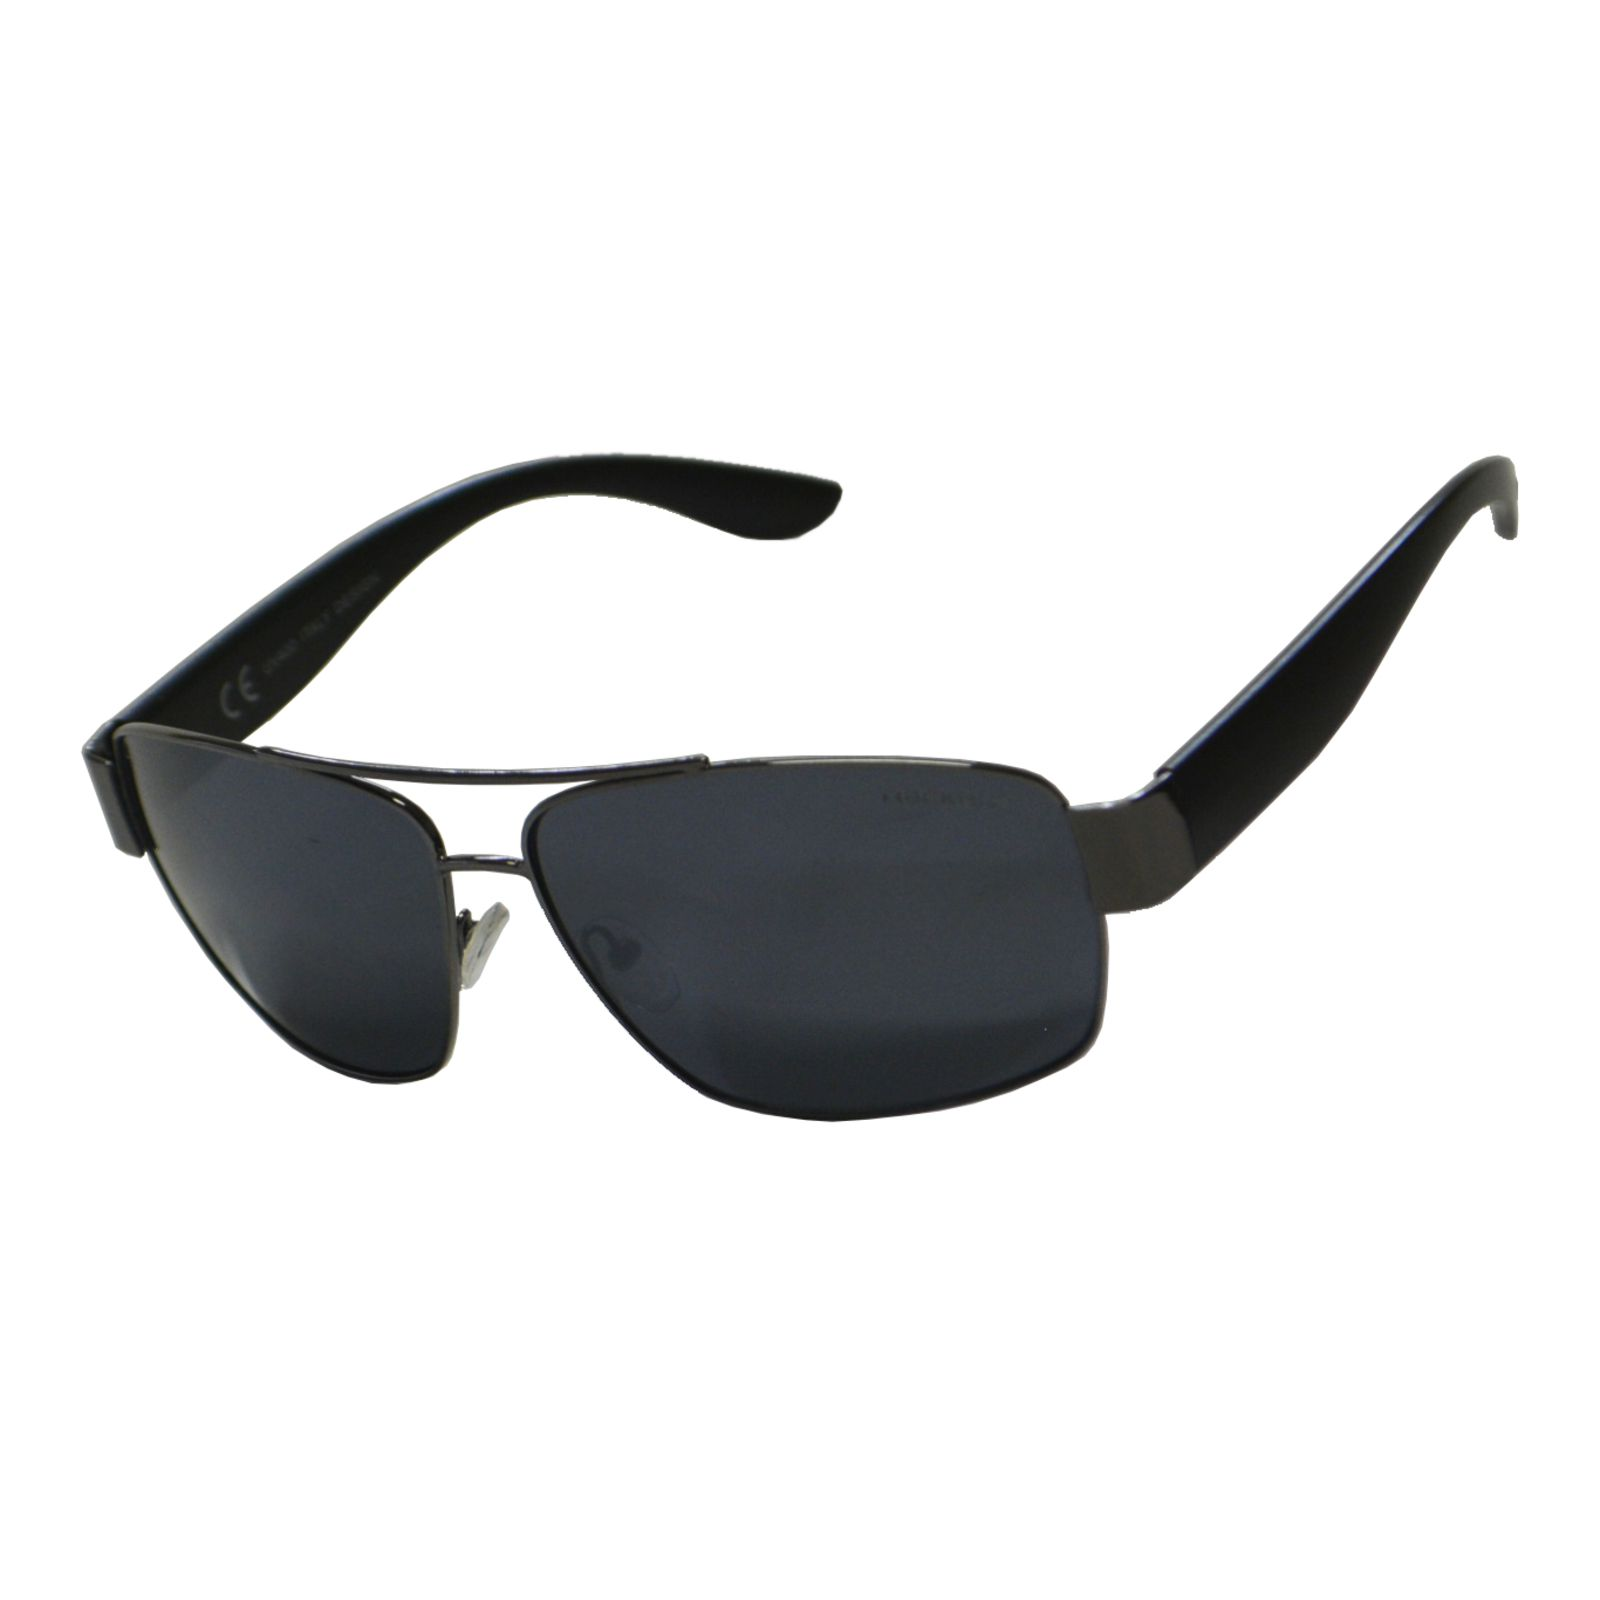 Óculos de Sol Mackage MK2101 - Preto/Azul escuro